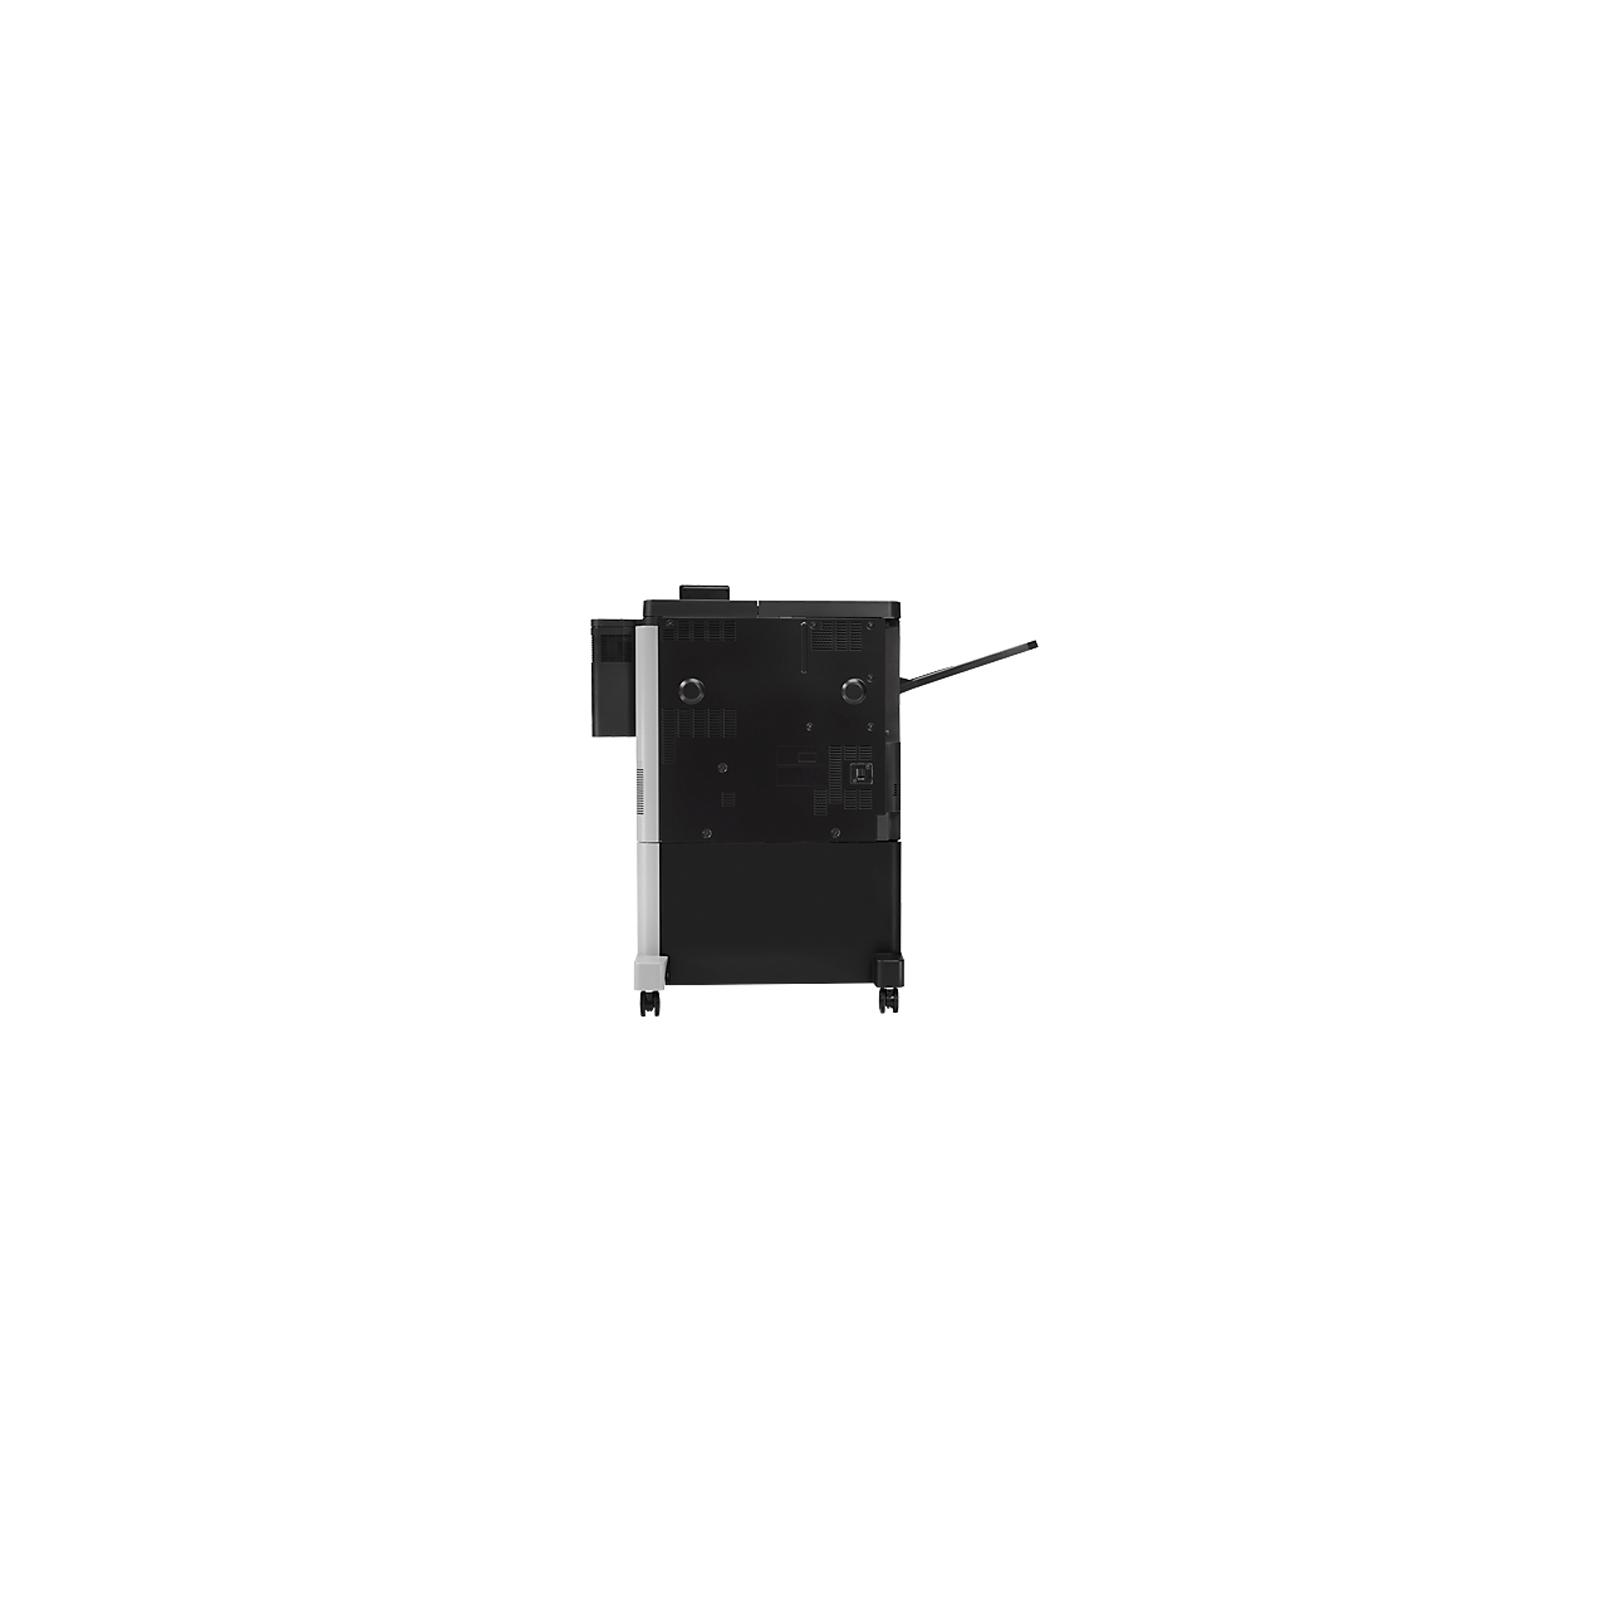 Лазерный принтер HP LaserJet Enterprise M806x+NFC (D7P69A) изображение 3